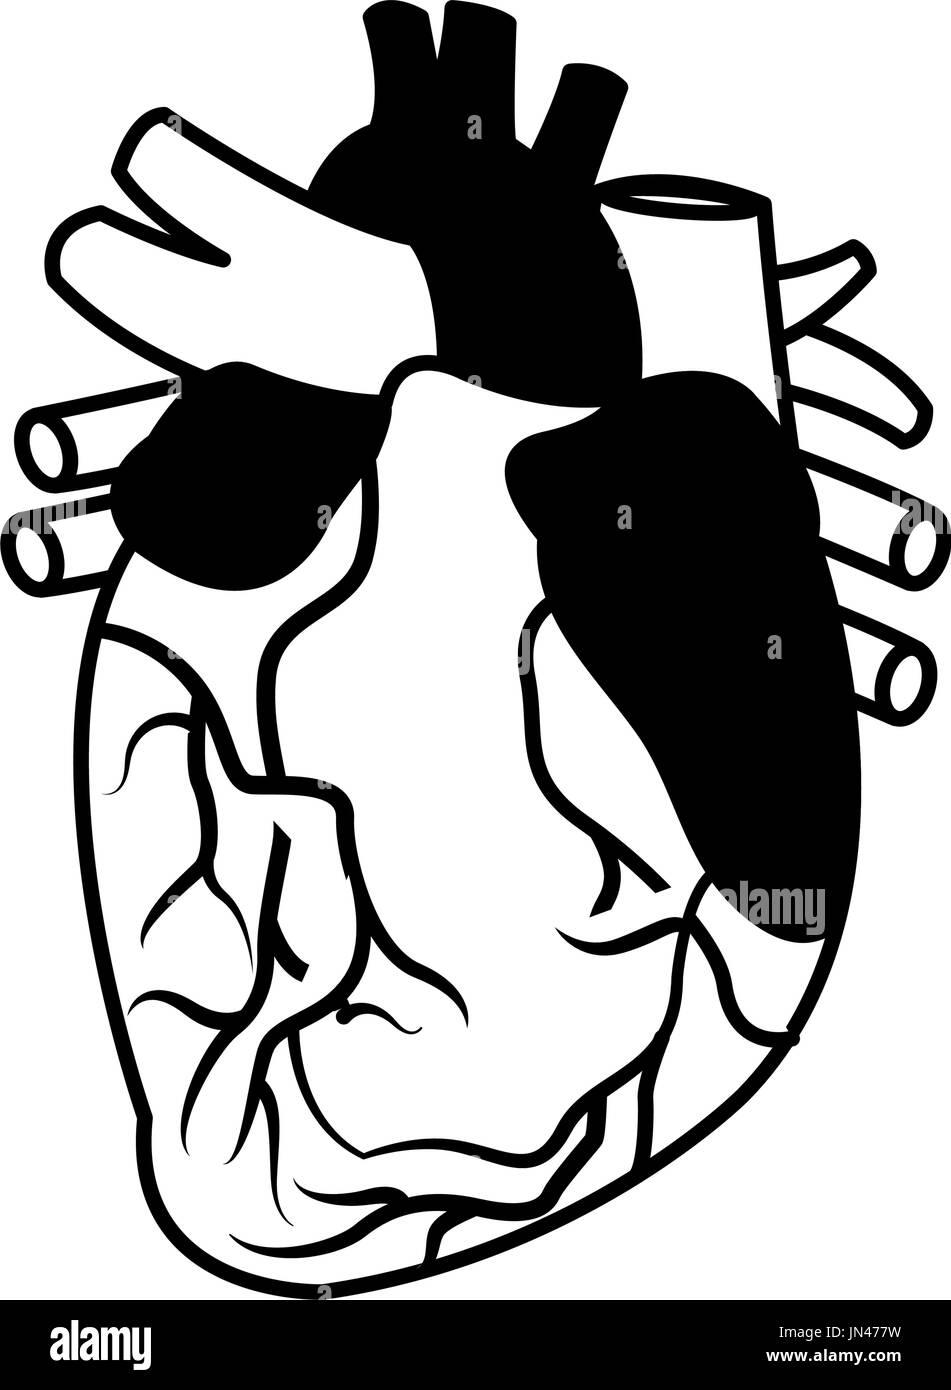 Anatomie des menschlichen Herzens medizinische Vektor Abbildung ...